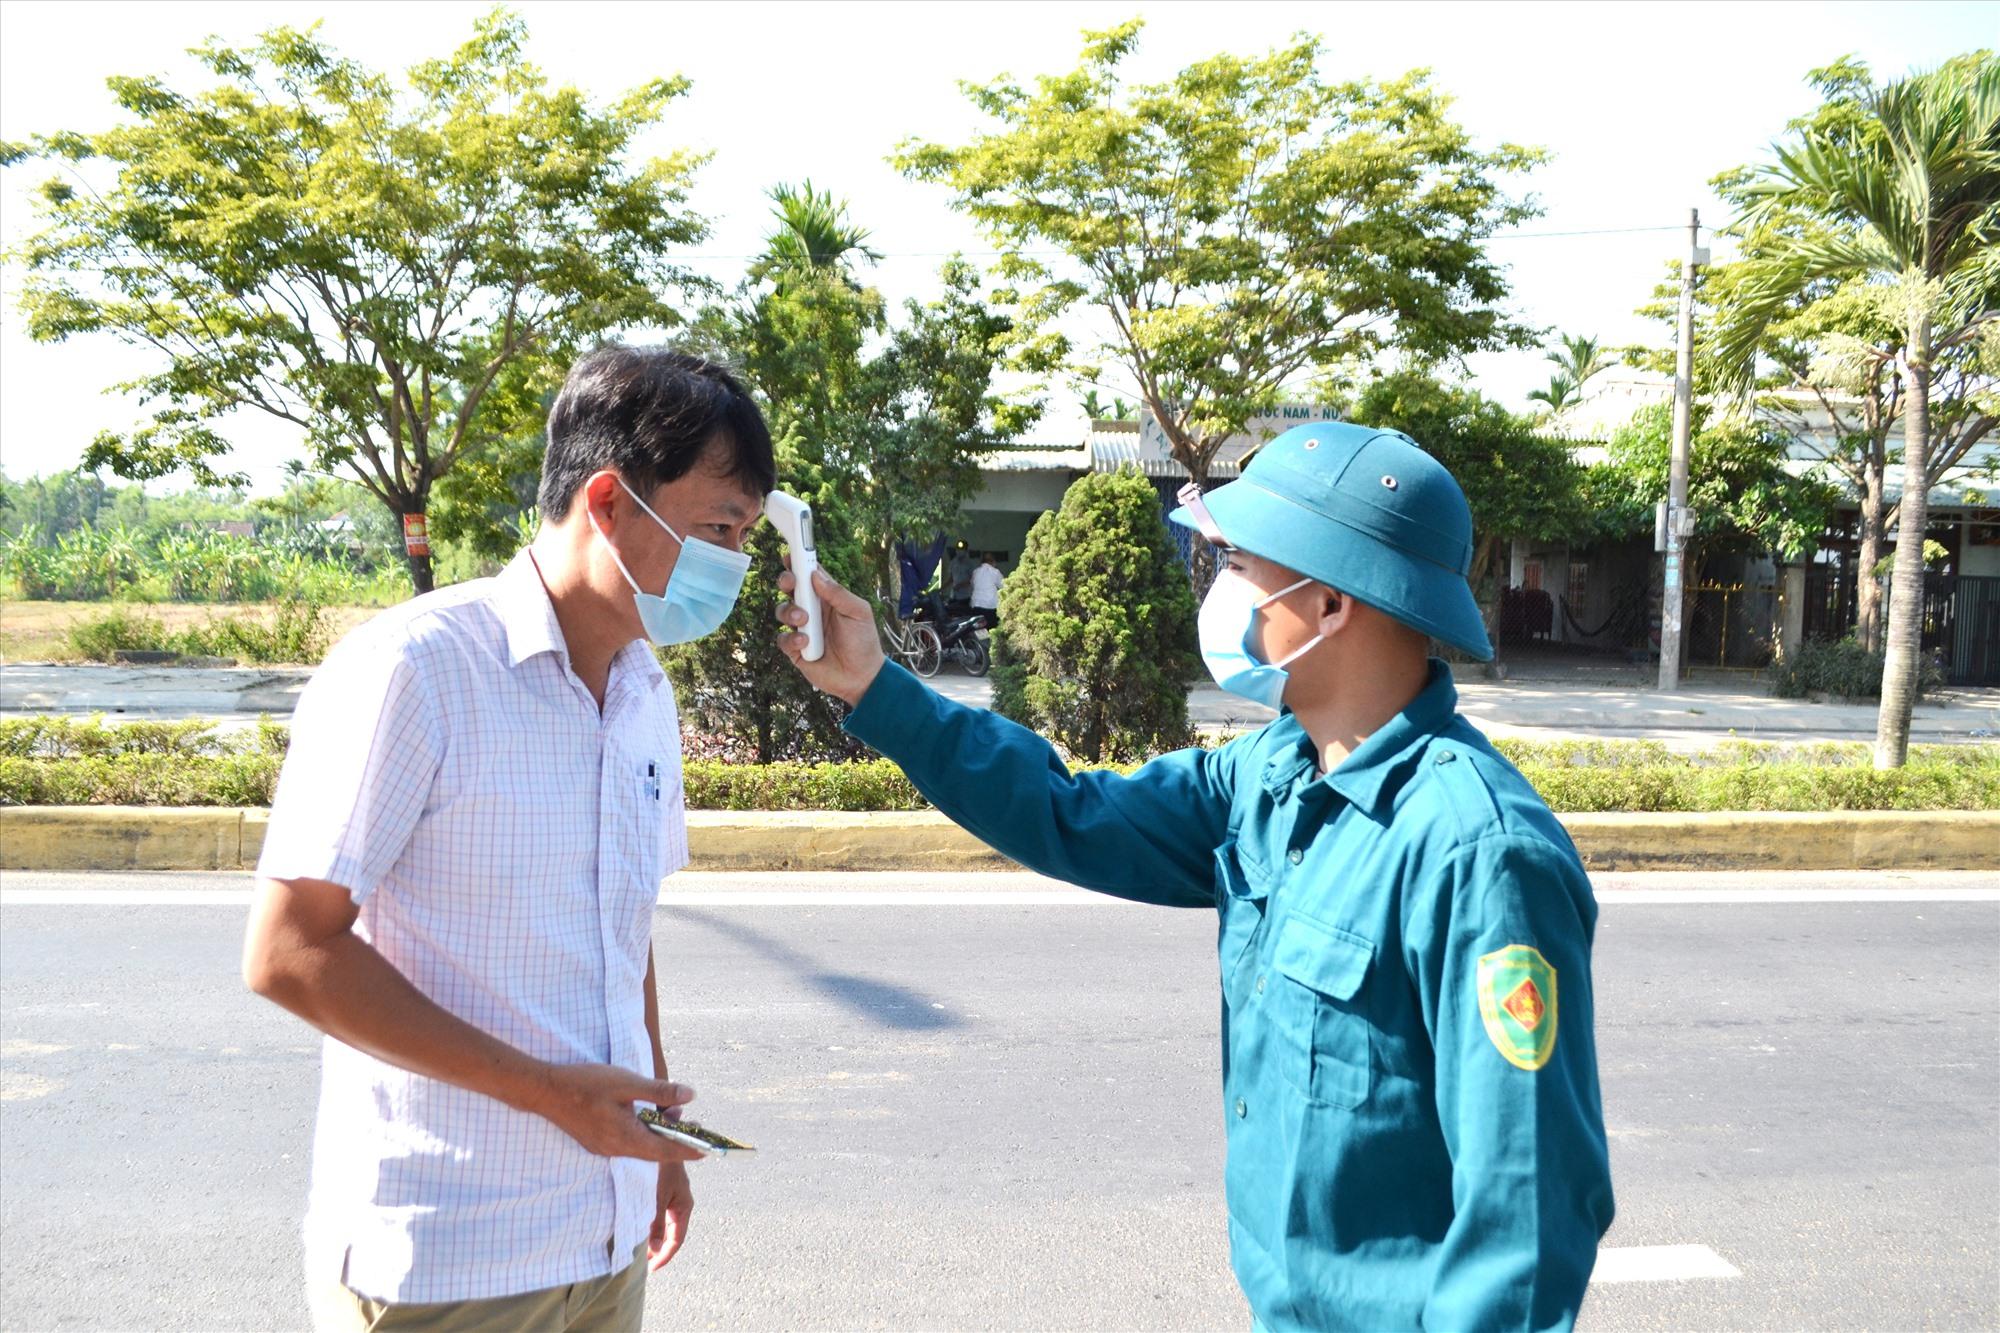 Duy trì kiểm soát y tế tại chốt kiểm soát trên đường Hùng Vương, thị trấn Ái Nghĩa. Ảnh: CT